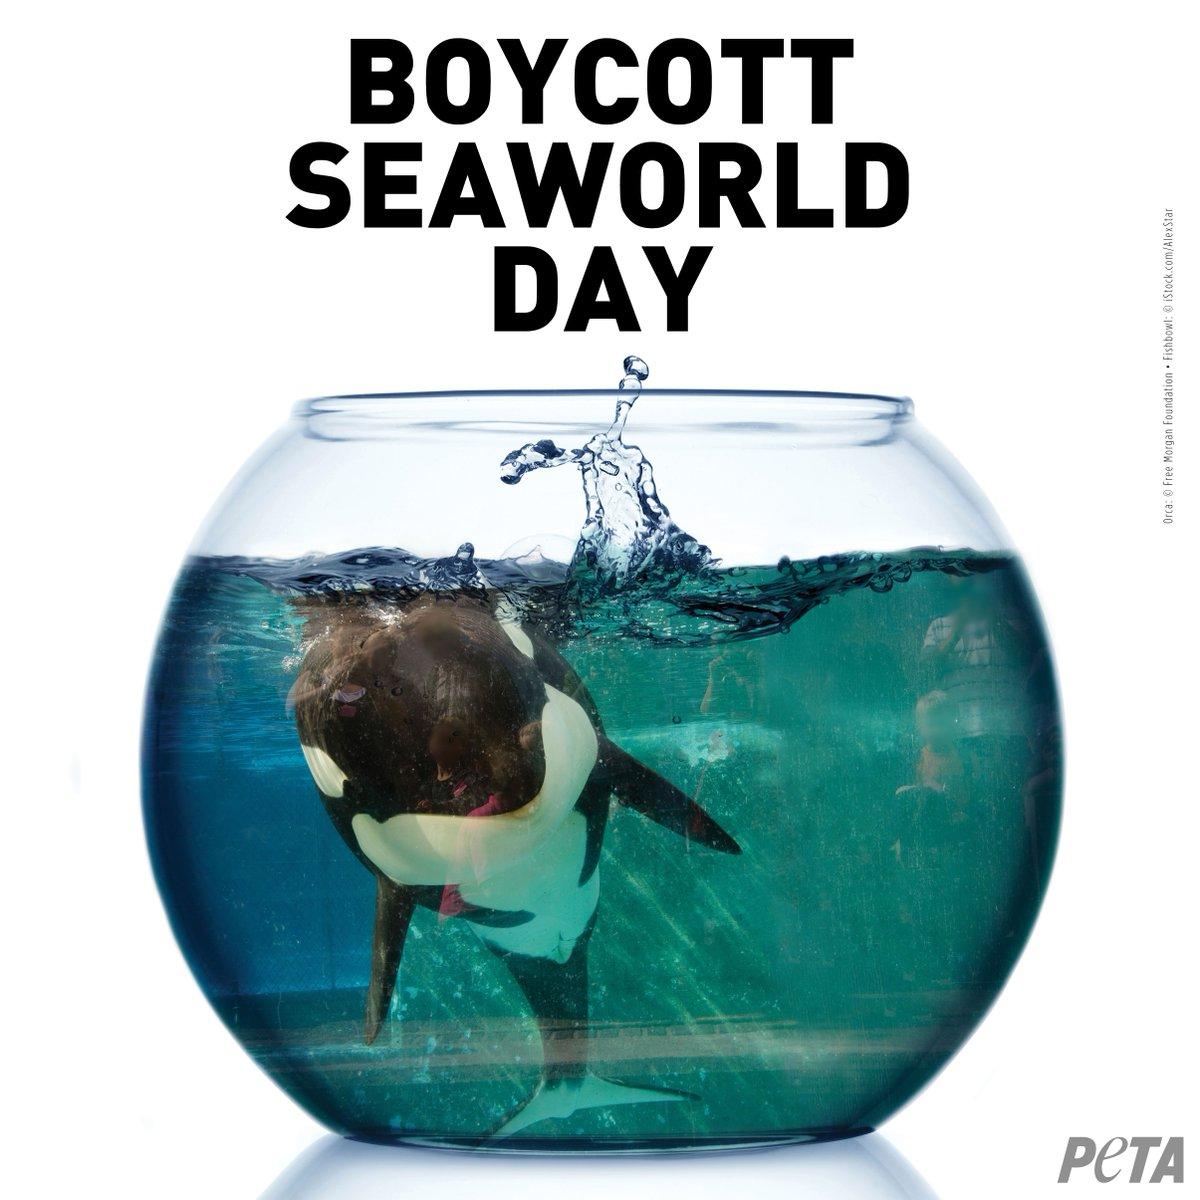 Today is #BoycottSeaWorldDay. RT & tell everyone why you boycott #SeaWorld!